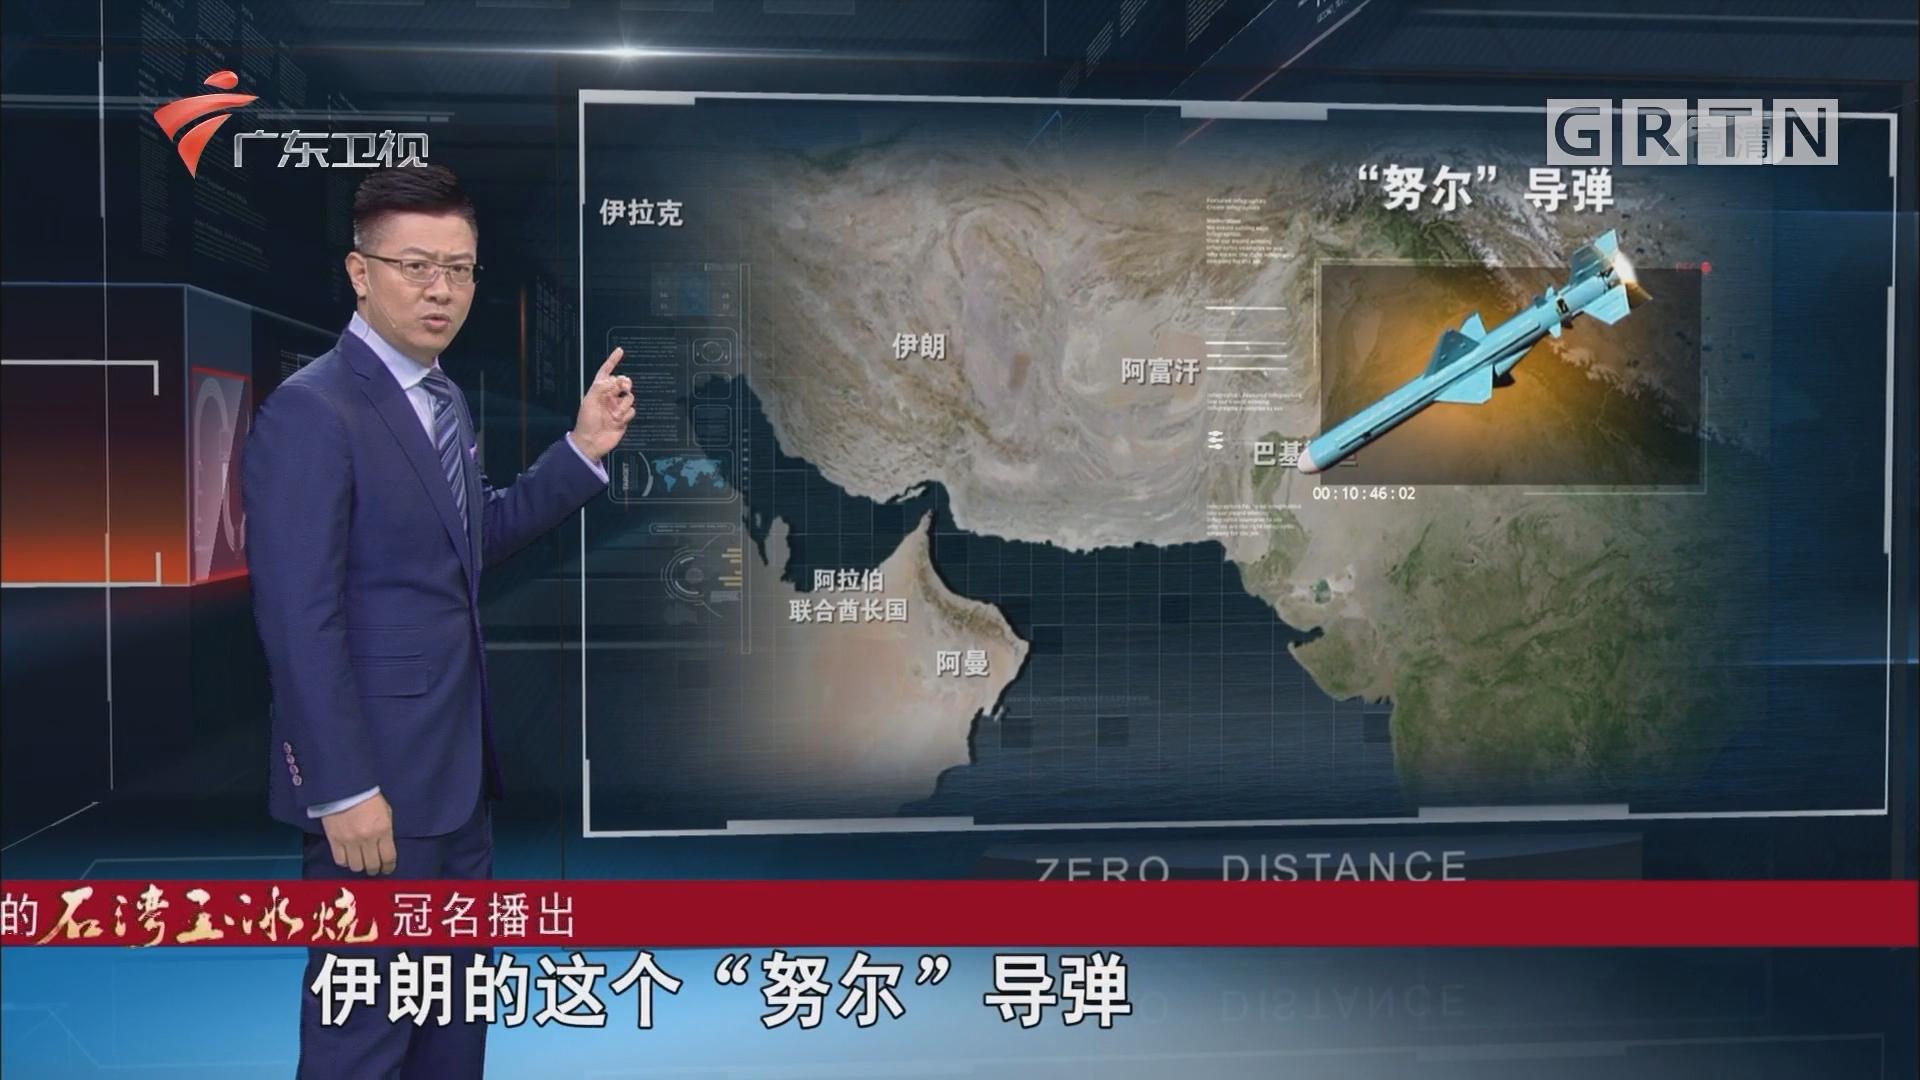 [HD][2018-08-12]全球零距離:美伊對抗再升級